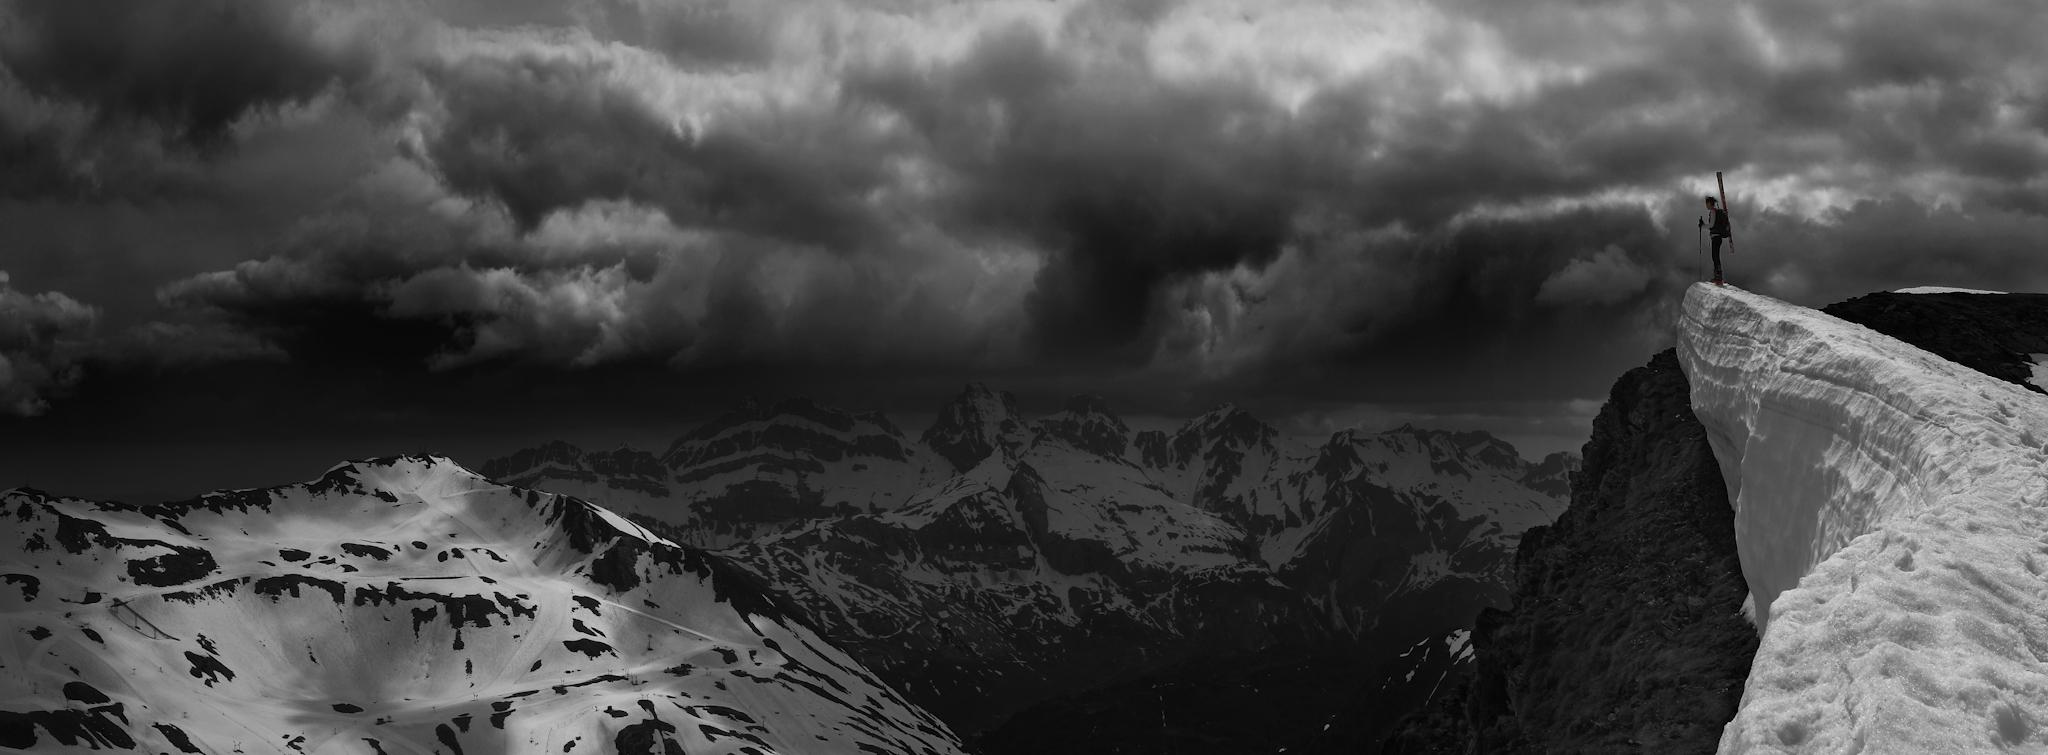 Panorámica Astún y Candanchú - Paisajes del valle - Fotos del Valle del Aragón, Mikel Besga